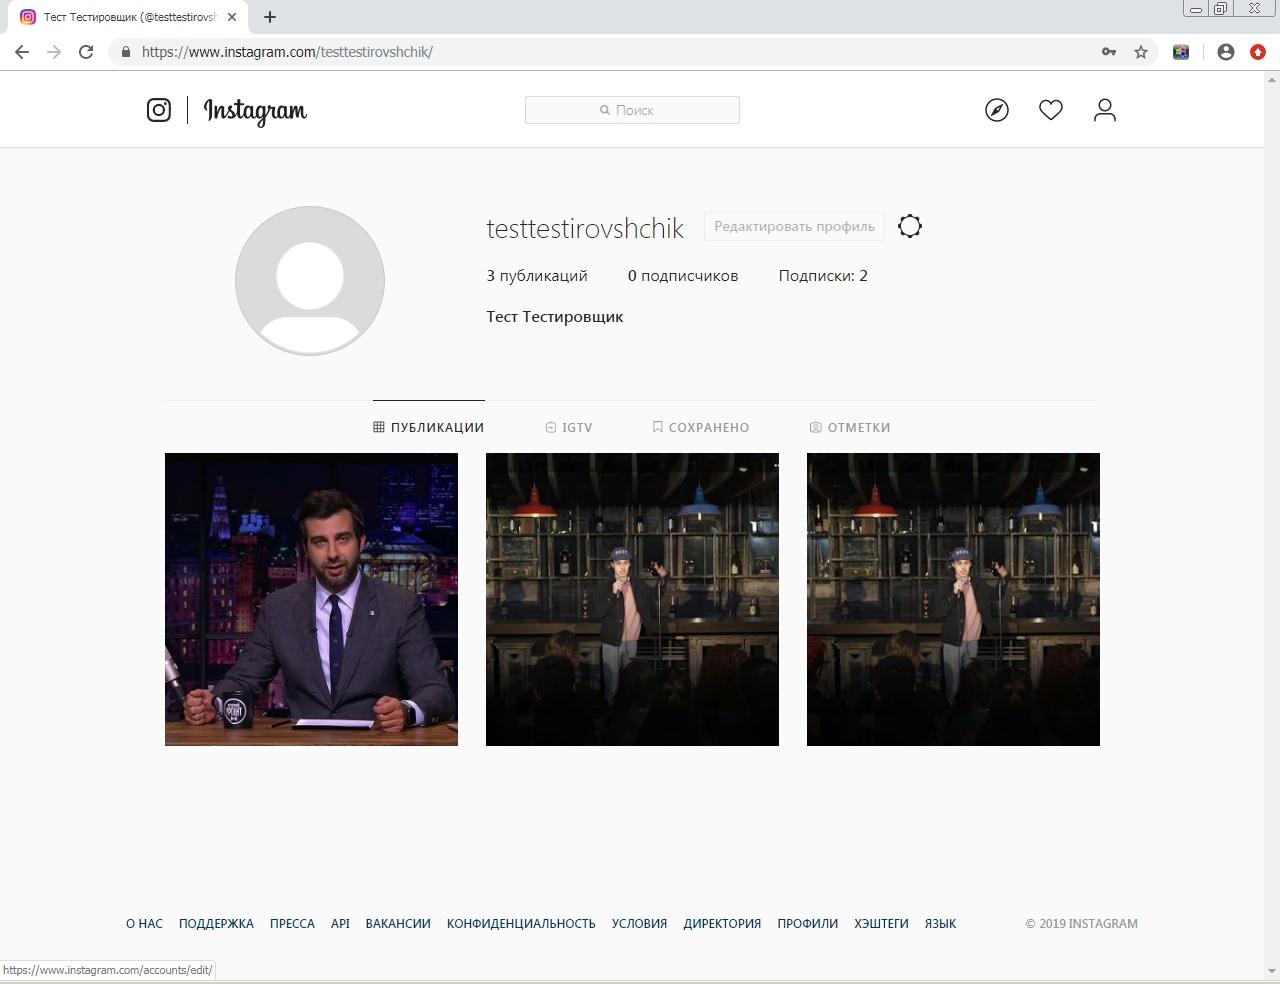 Как удалить все фото в Инстаграм сразу?